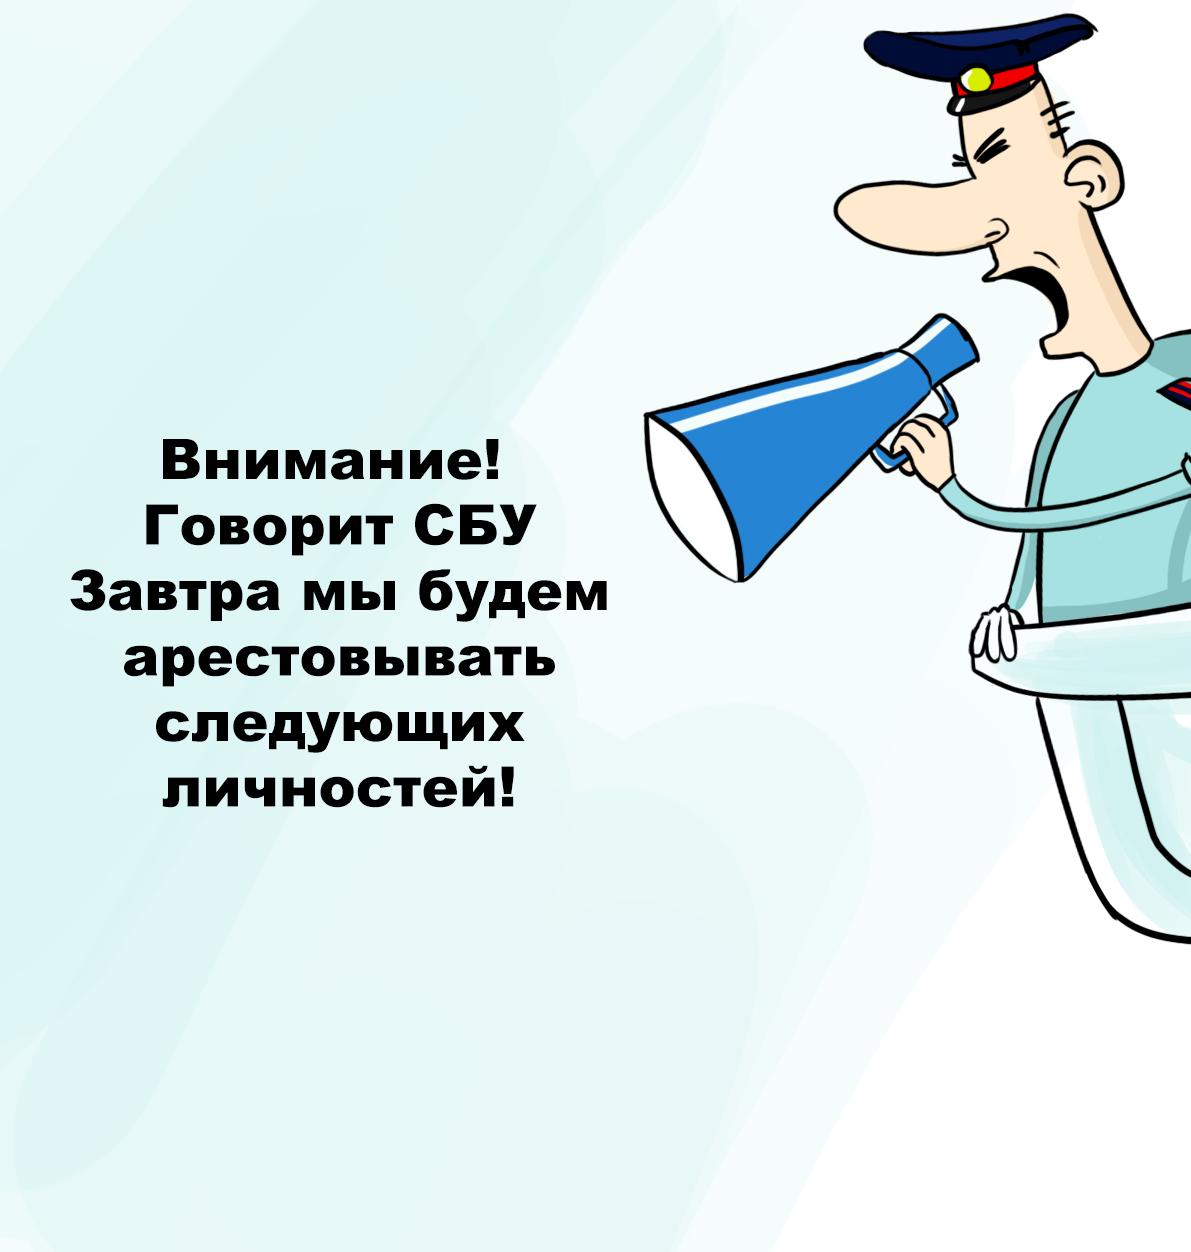 В СБУ более сотни руководителей не прошли люстрацию, - Наливайченко - Цензор.НЕТ 6989